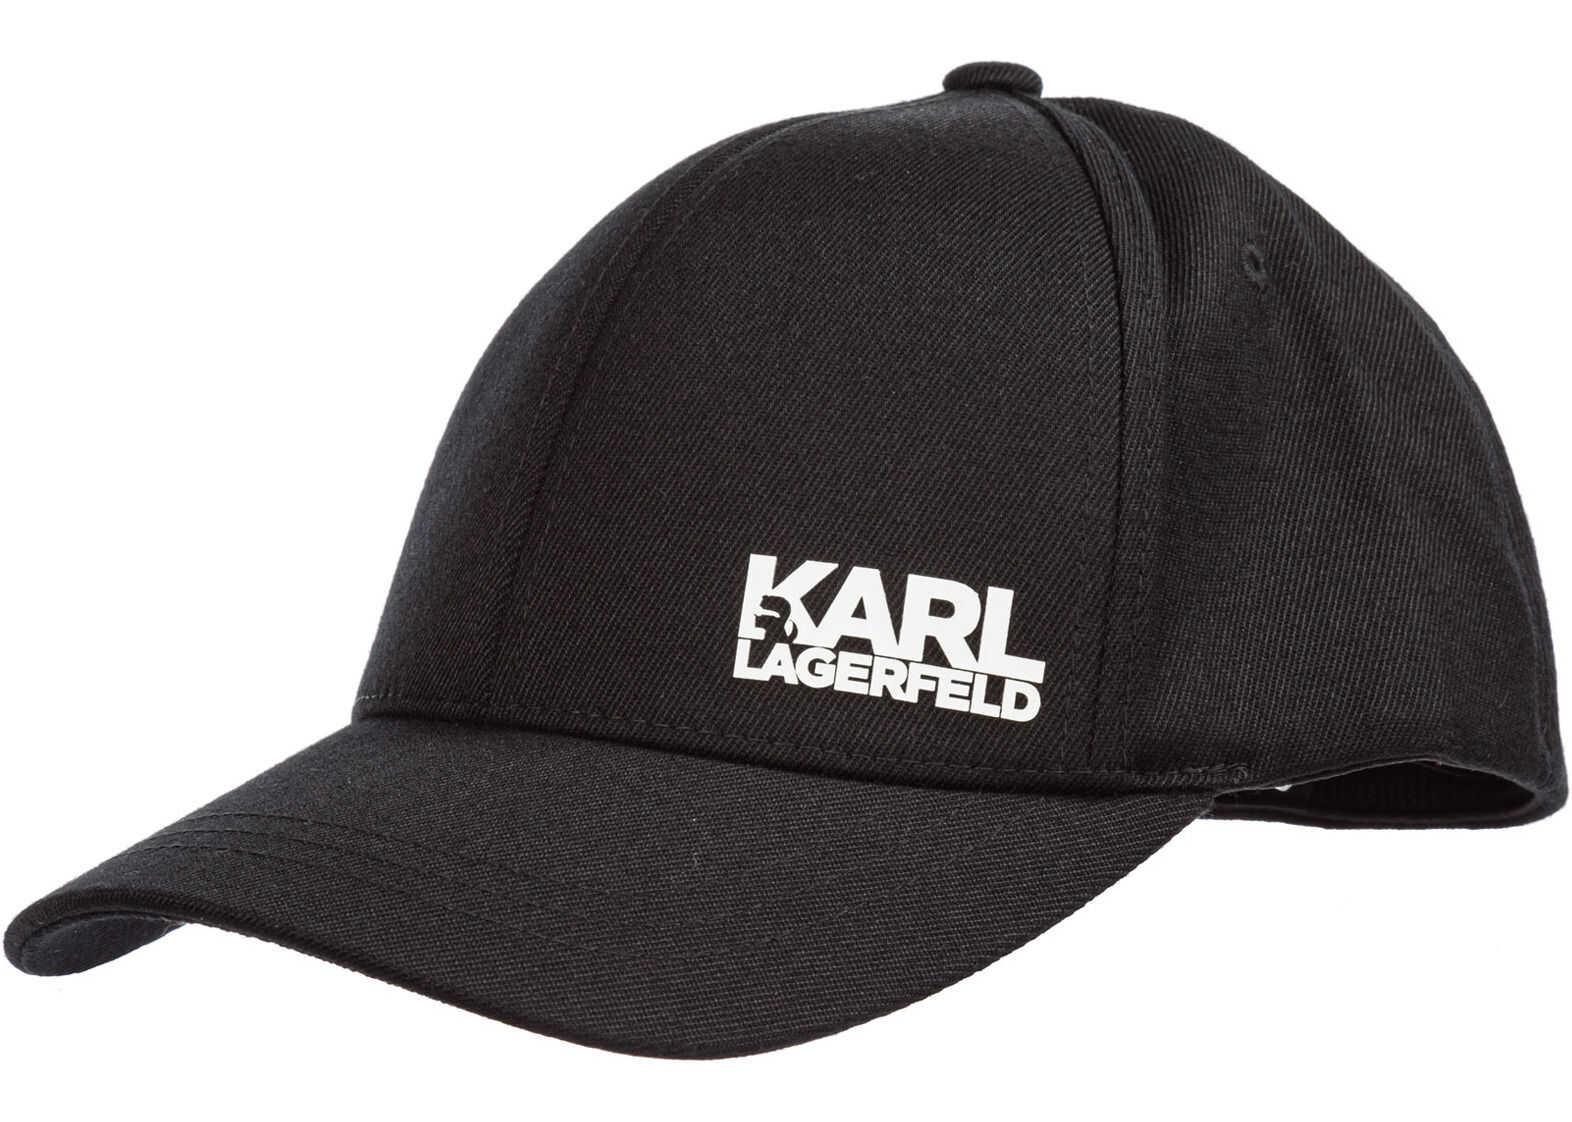 Karl Lagerfeld Baseball Cap Black